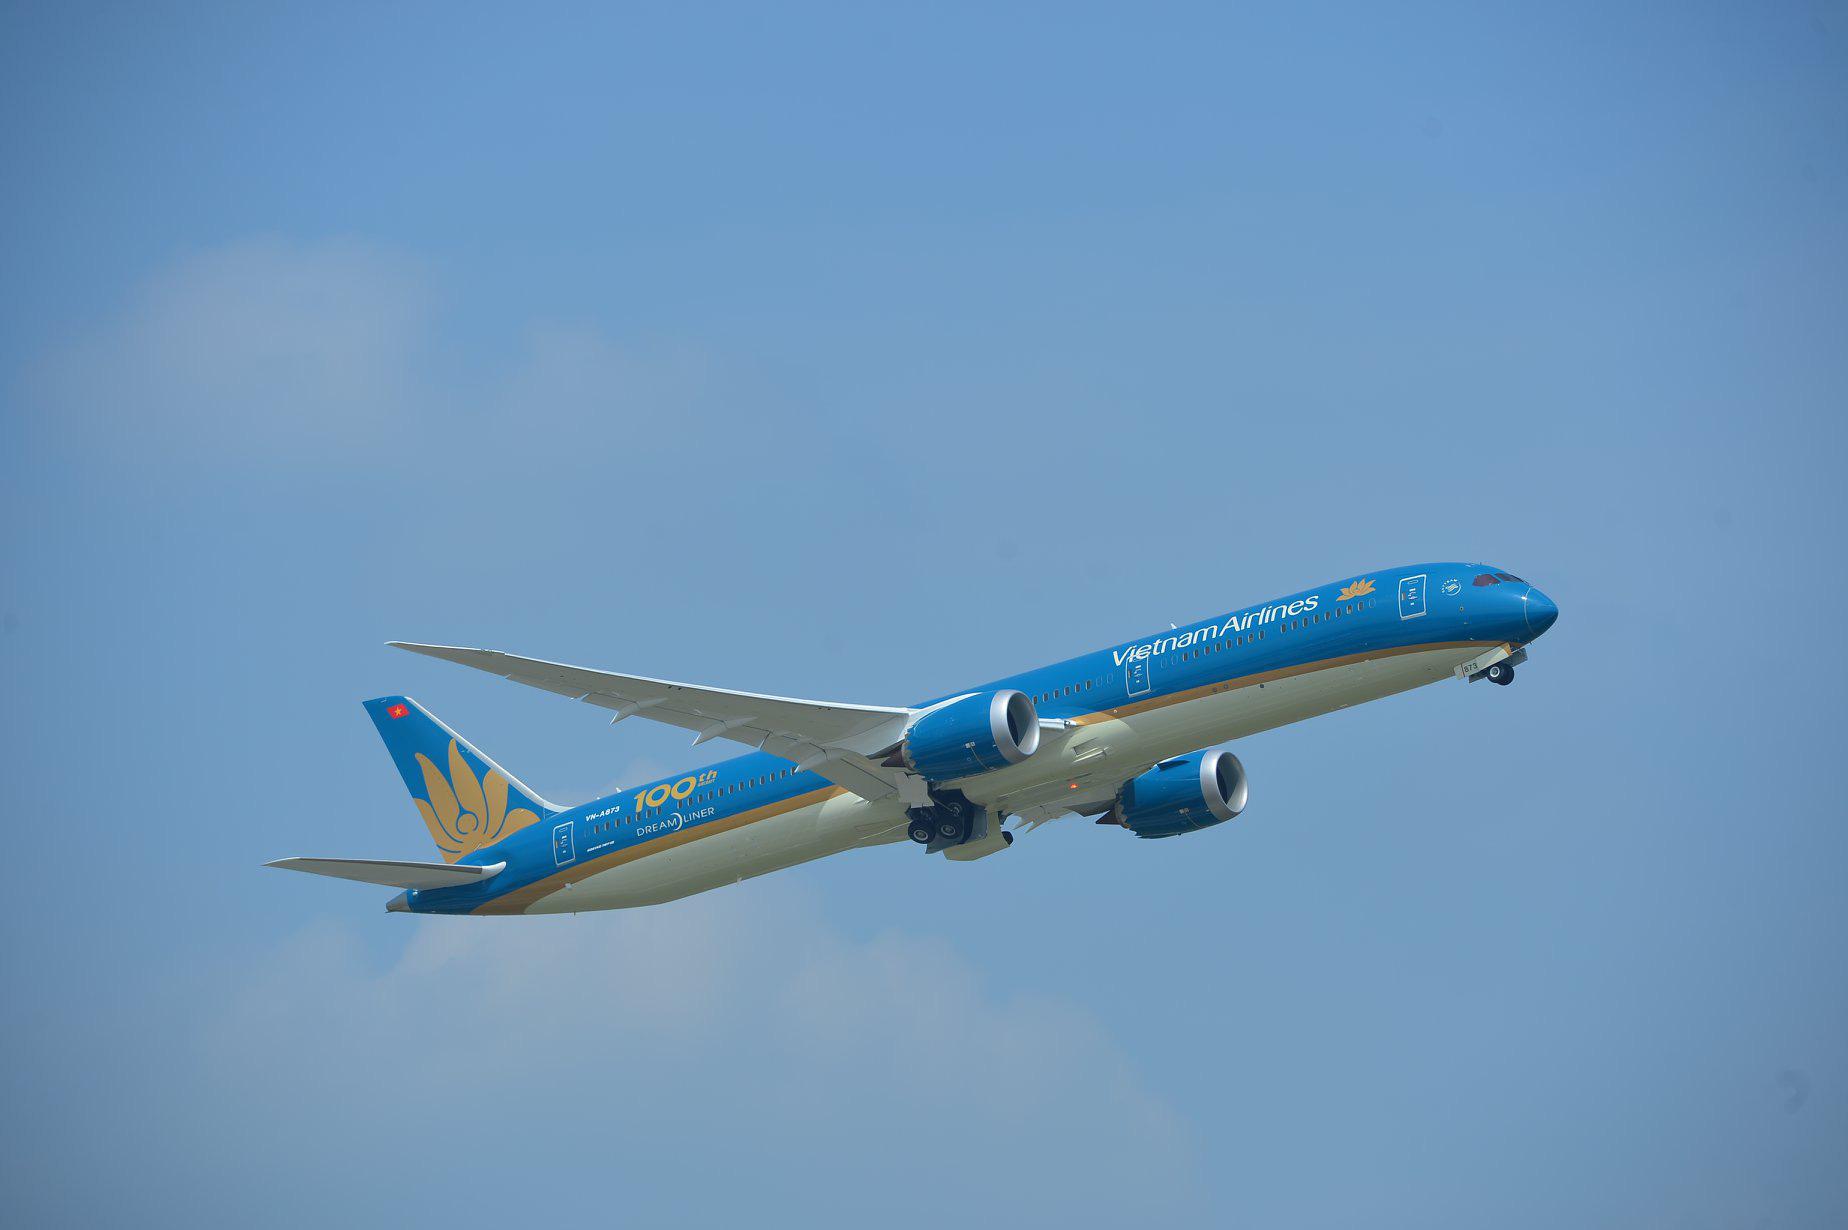 Vietnam Airlines tăng chuyến, điều chỉnh bổ sung máy bay thân rộng phục vụ hỗ trợ hành khách đến và đi từ Đà Nẵng - Ảnh 2.